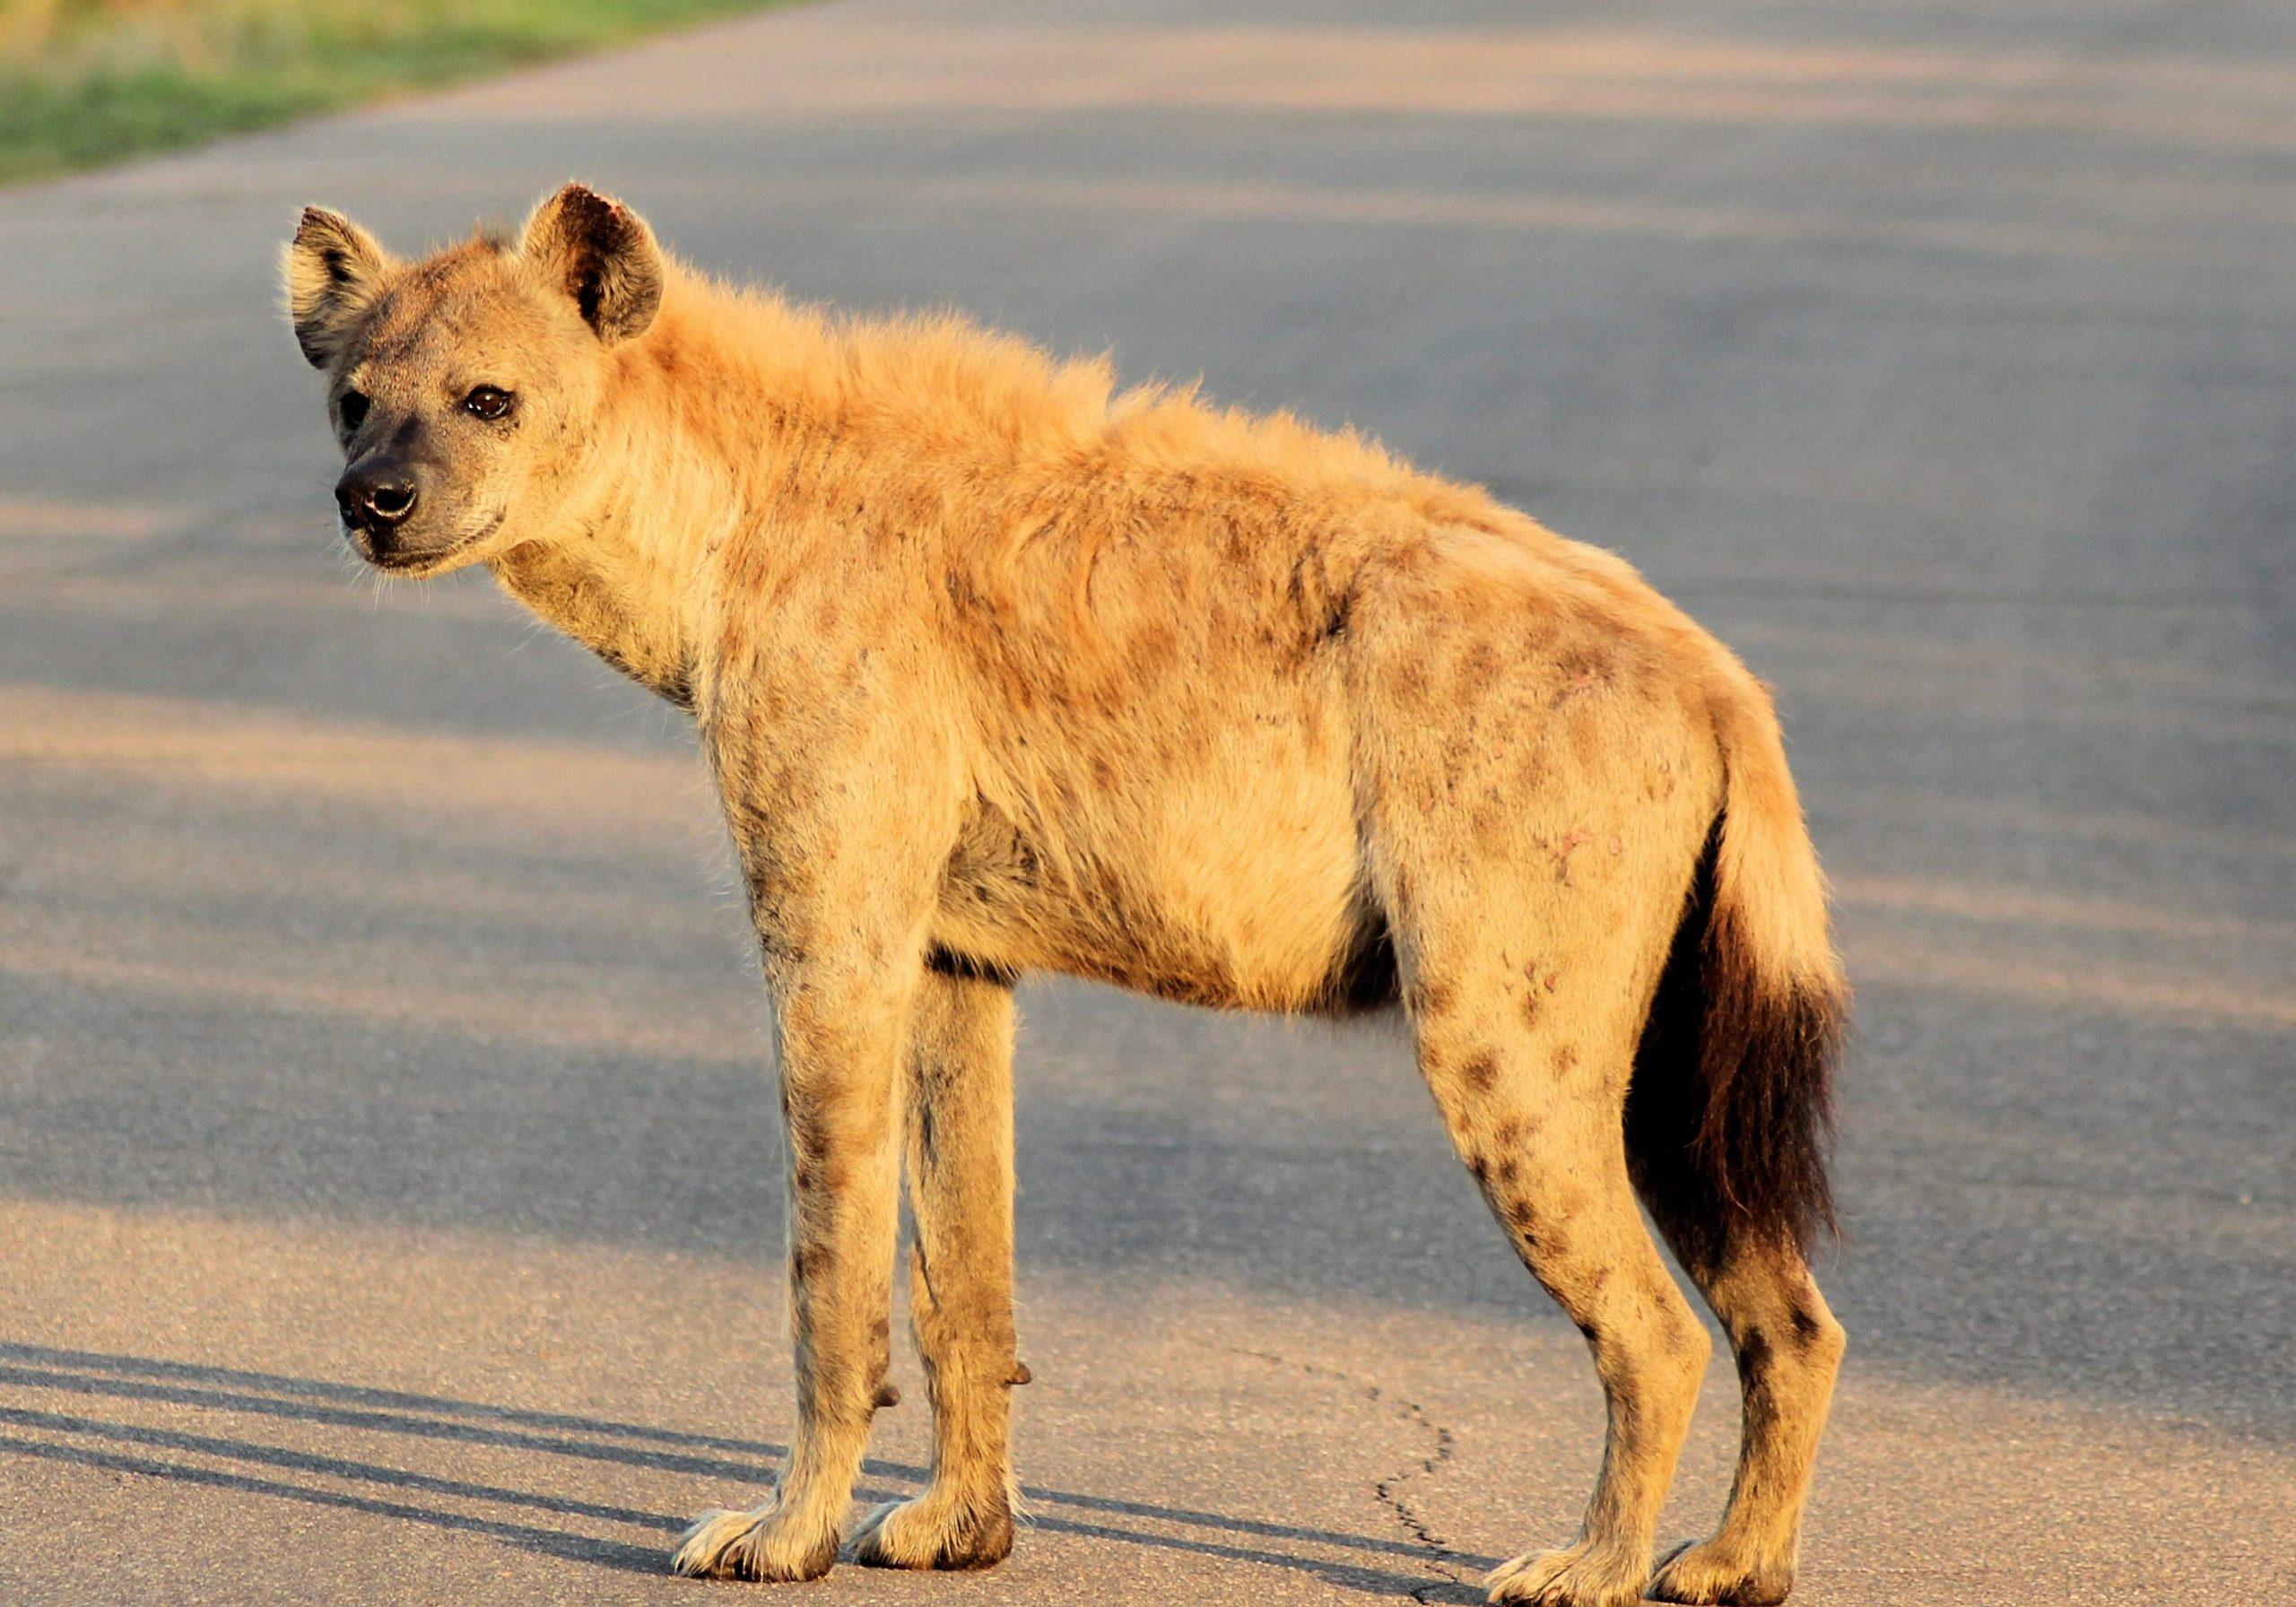 Spotted Hyena Xongi-tings Xongi-pedia (Mammal - Carnivore)